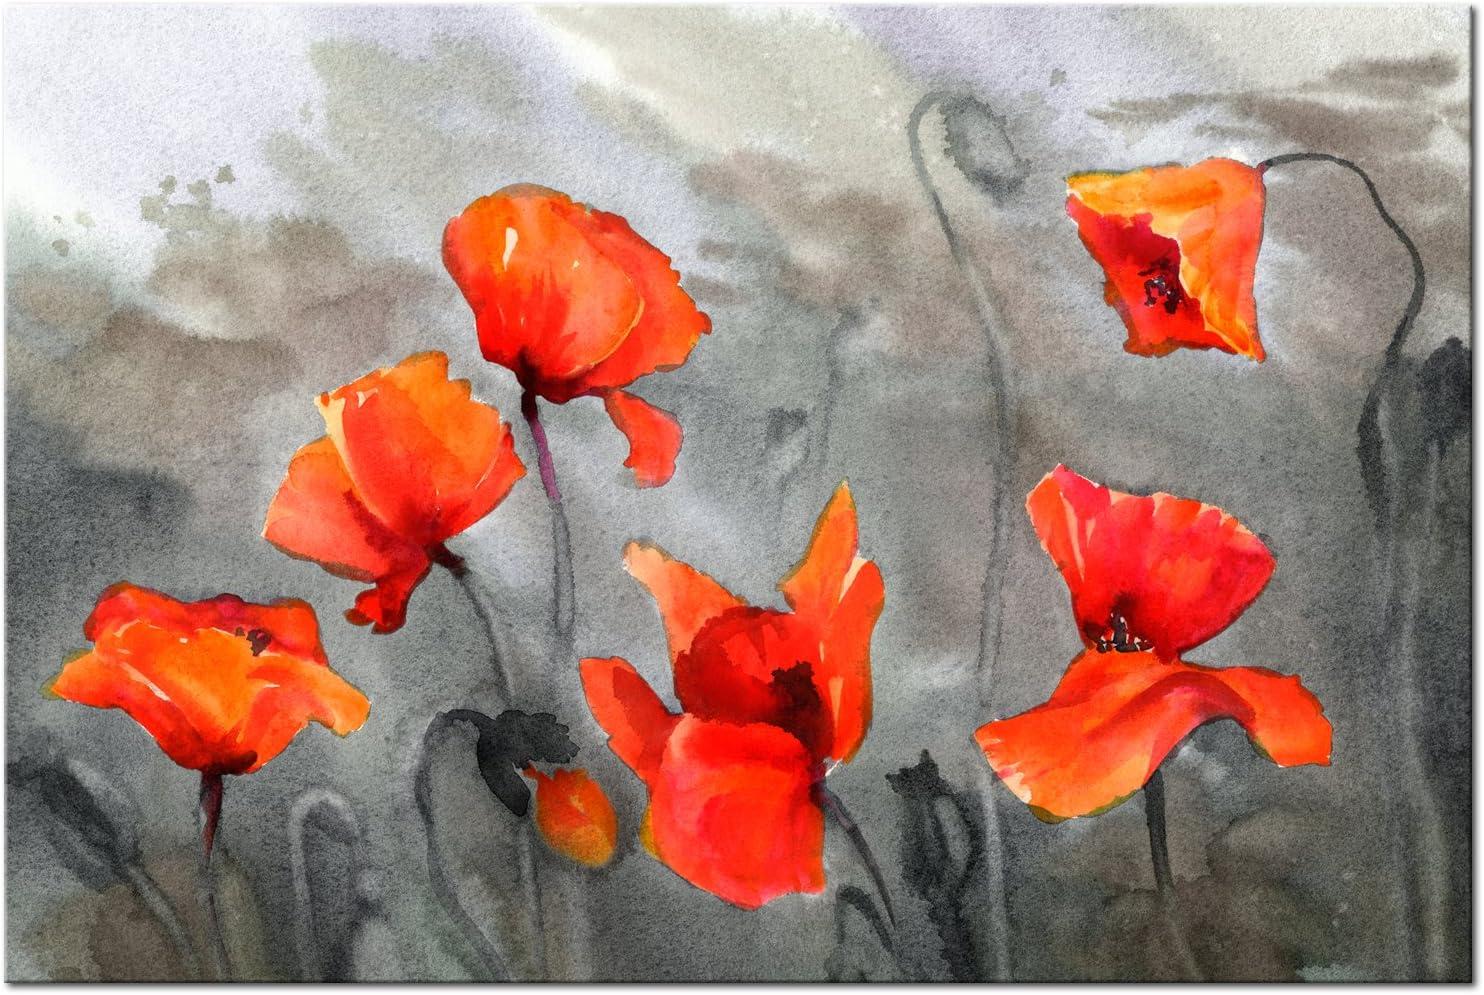 BLUMEN MOHNBLUMEN ROT GRAU Wandbilder xxl Bilder Vlies Leinwand b-B-0232-b-a